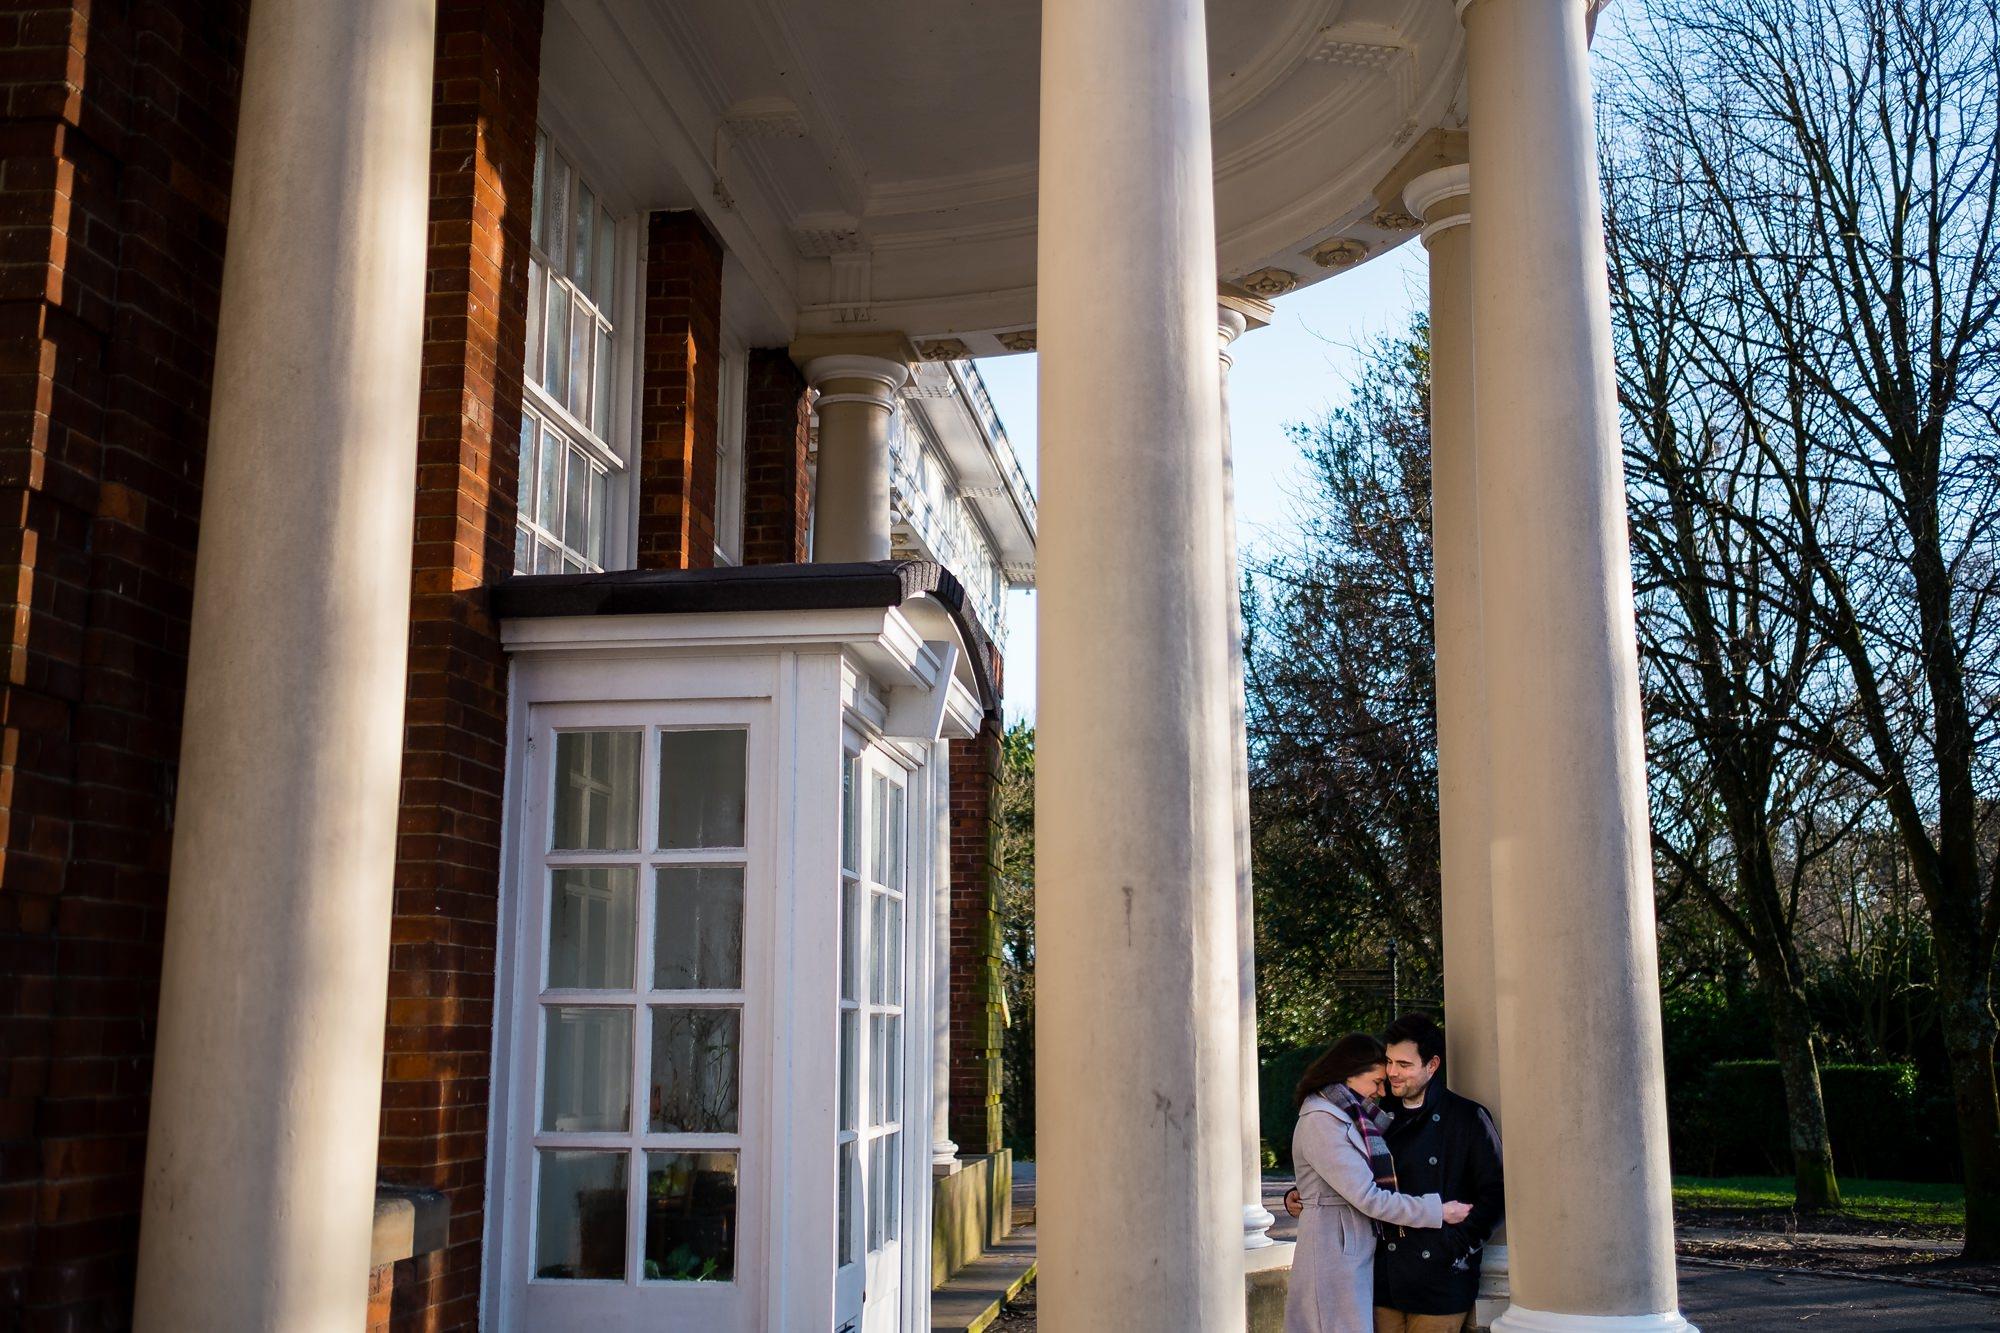 couple by doorway